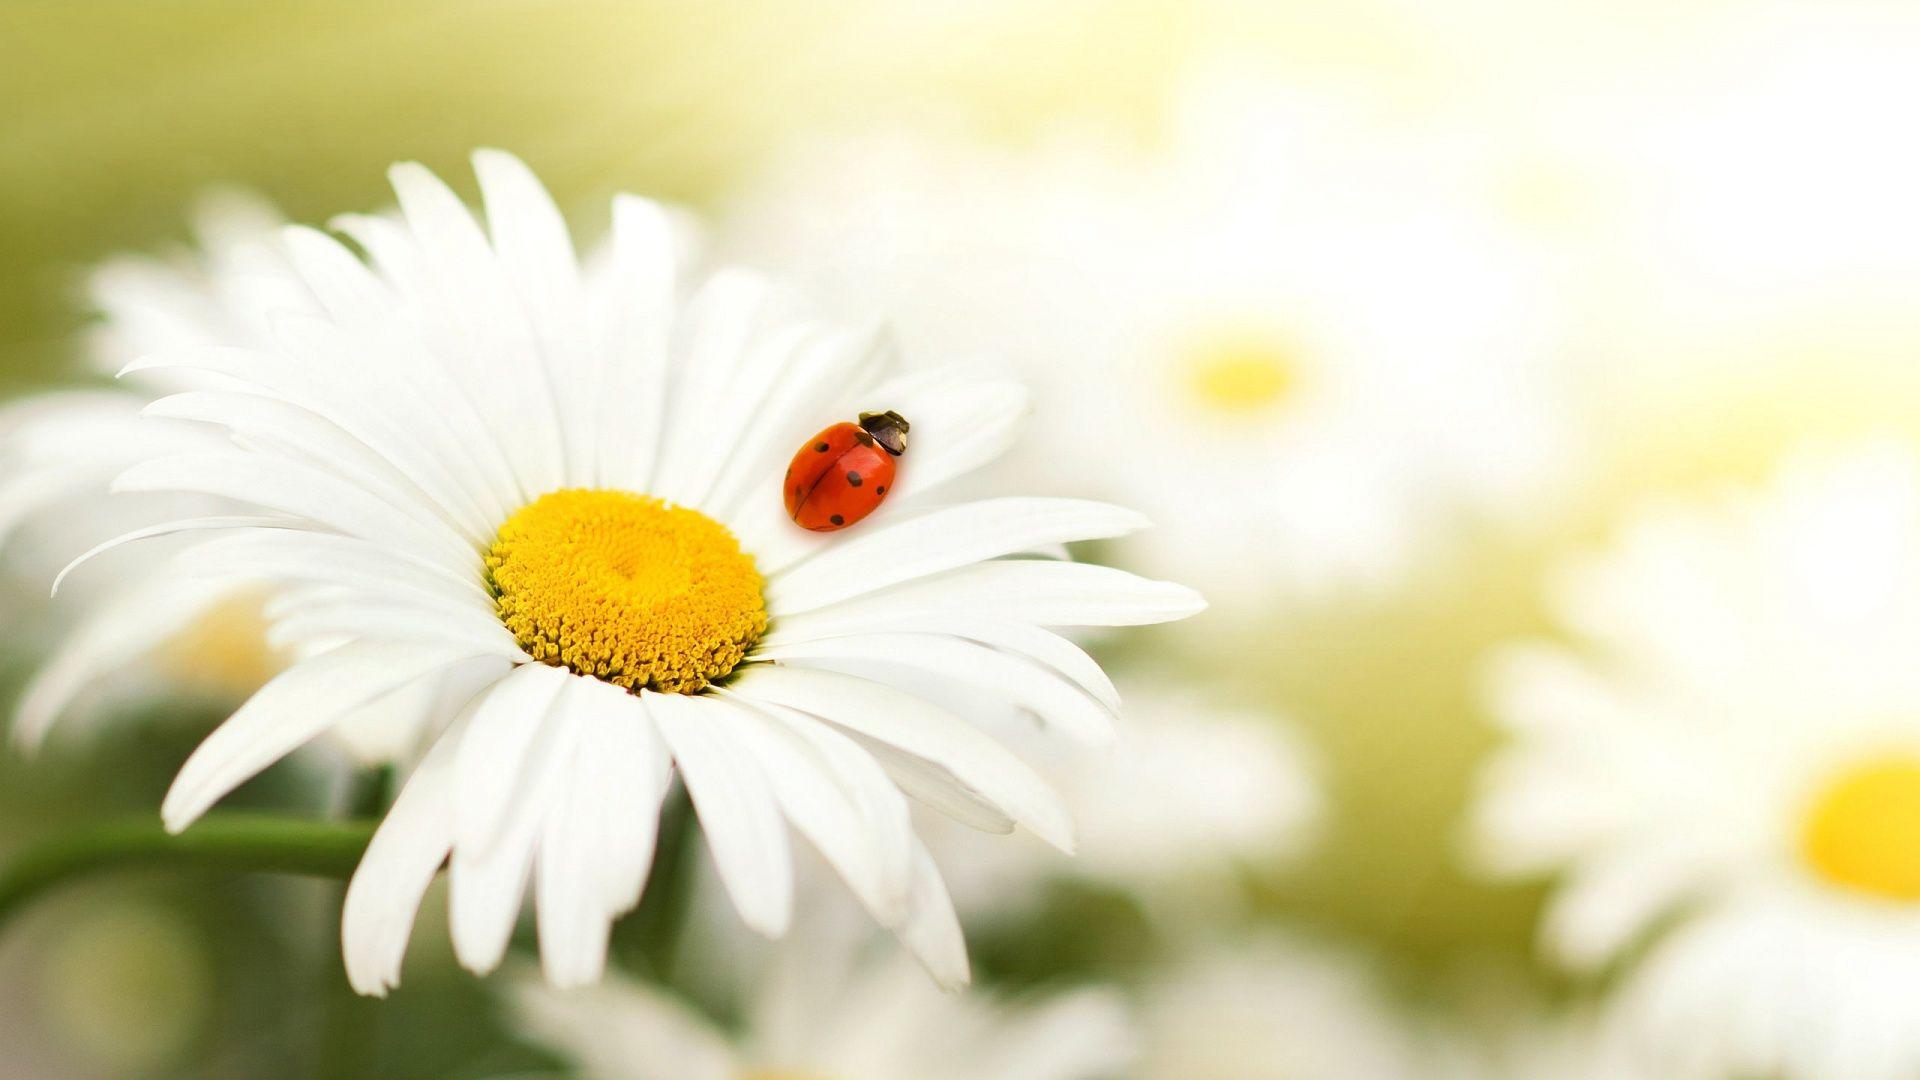 Beautiful Flower Daisy Desktop 4 Wallpaper Hd Hd Quality Wallpapers